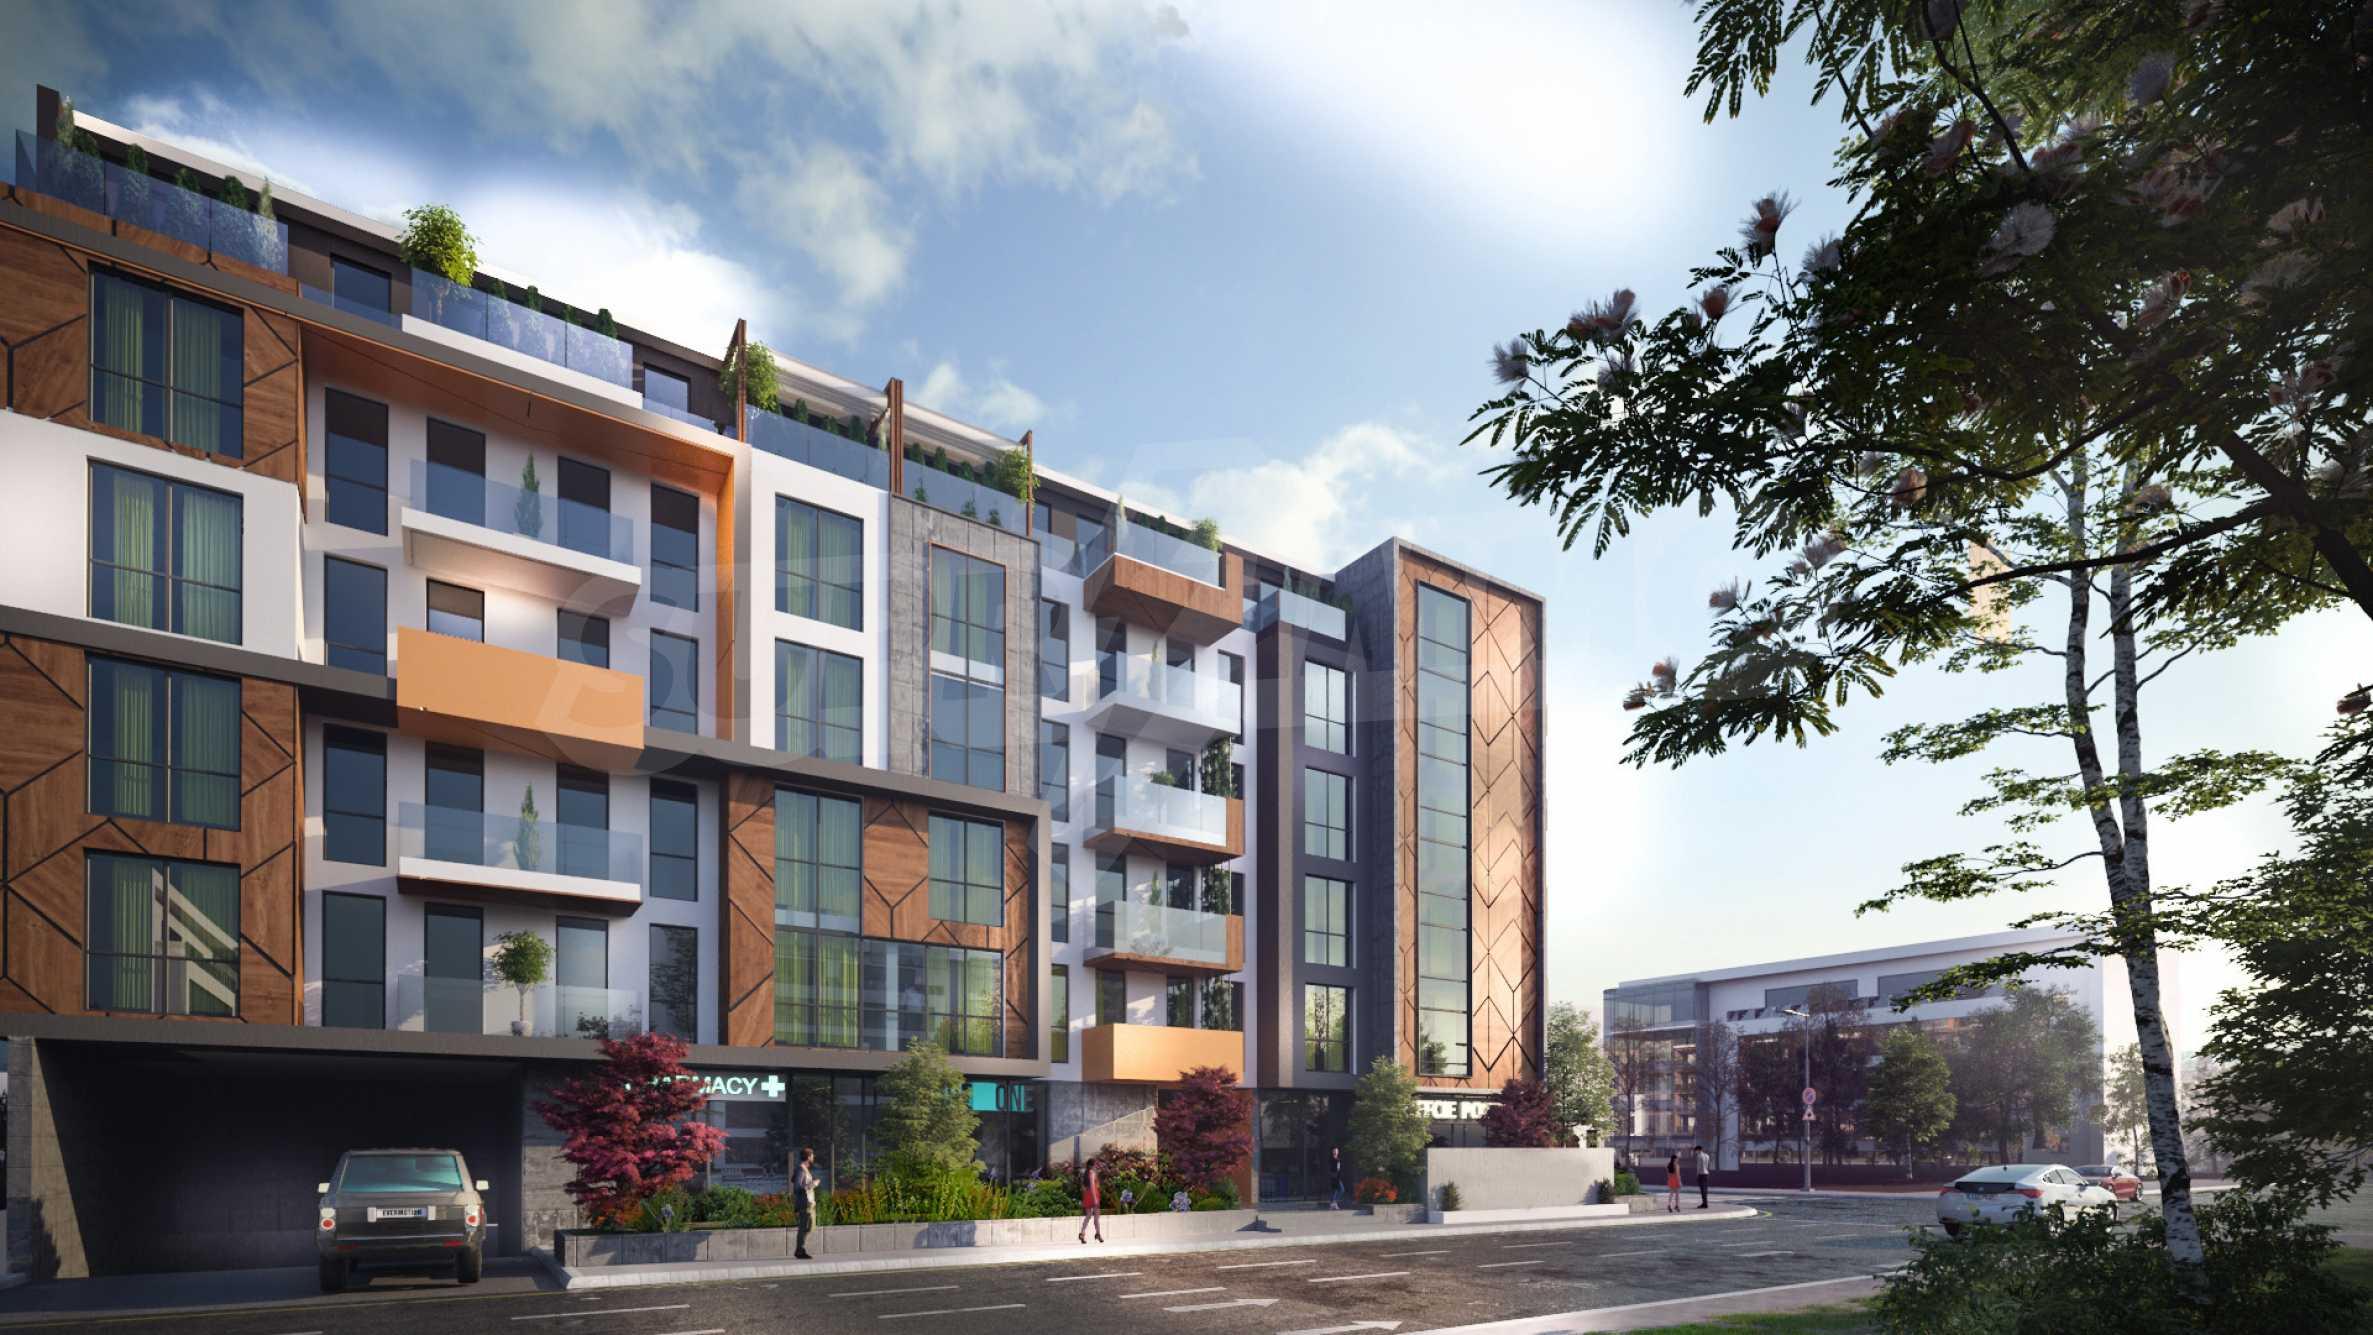 Ексклузивен комплекс на отлична локация в близост до бъдеща метростанция  10